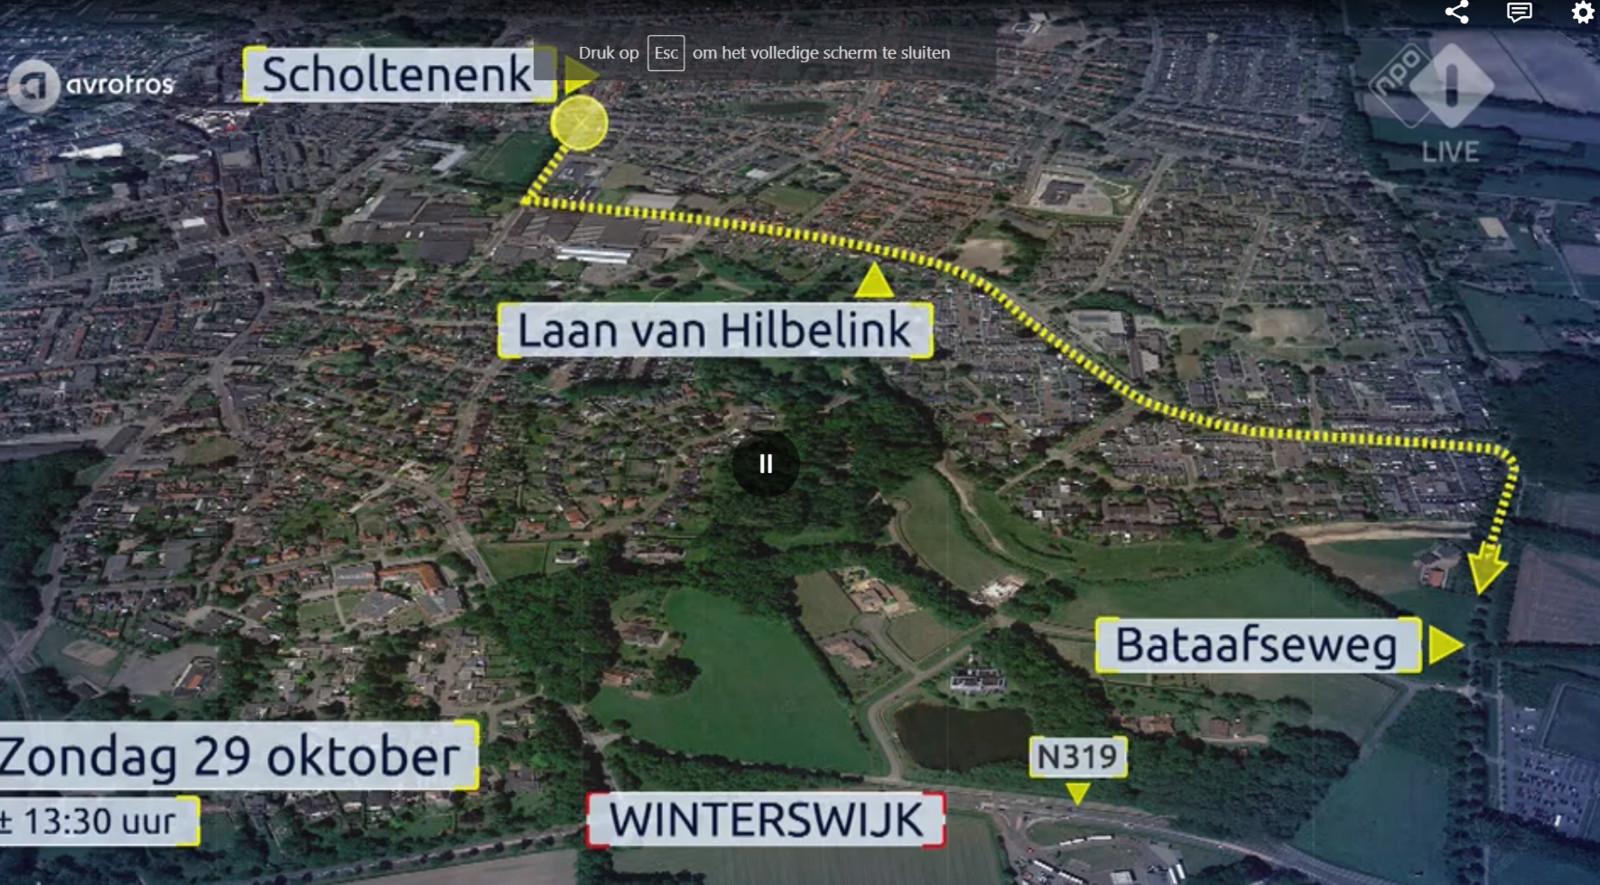 De vermoedelijke route die de dader na de aanrijding en mishandeling heeft gereden.